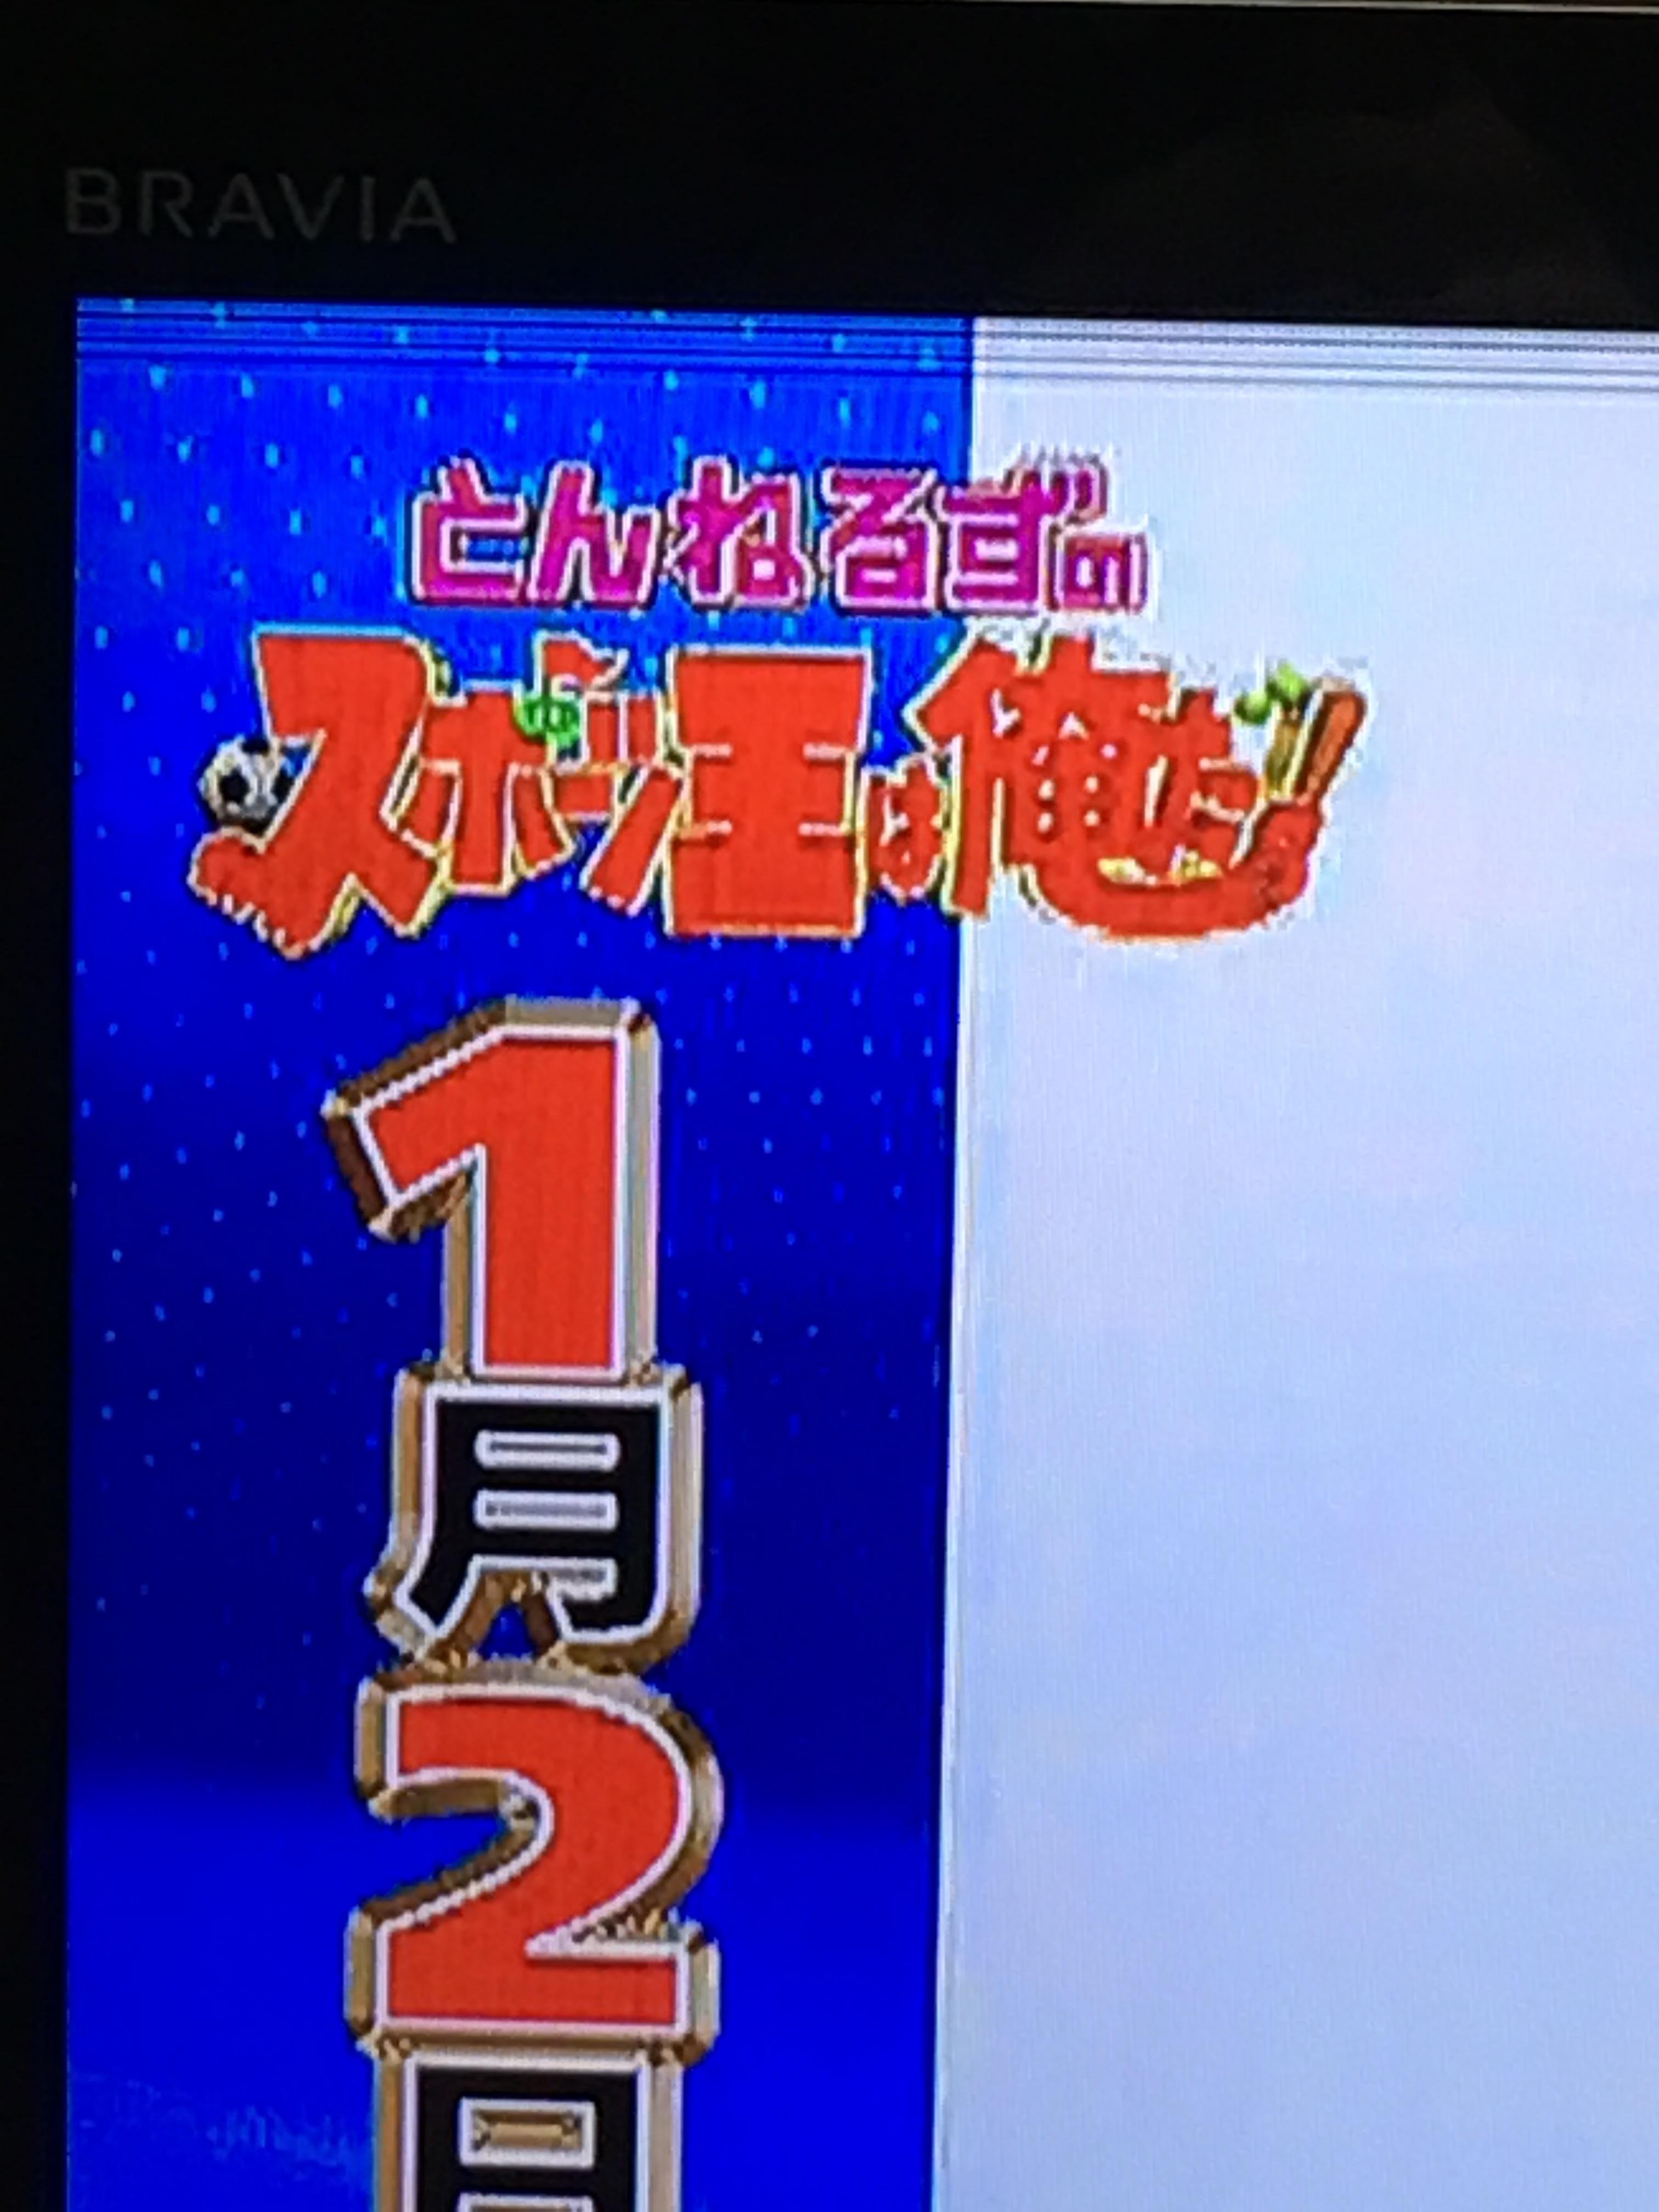 横線 テレビ